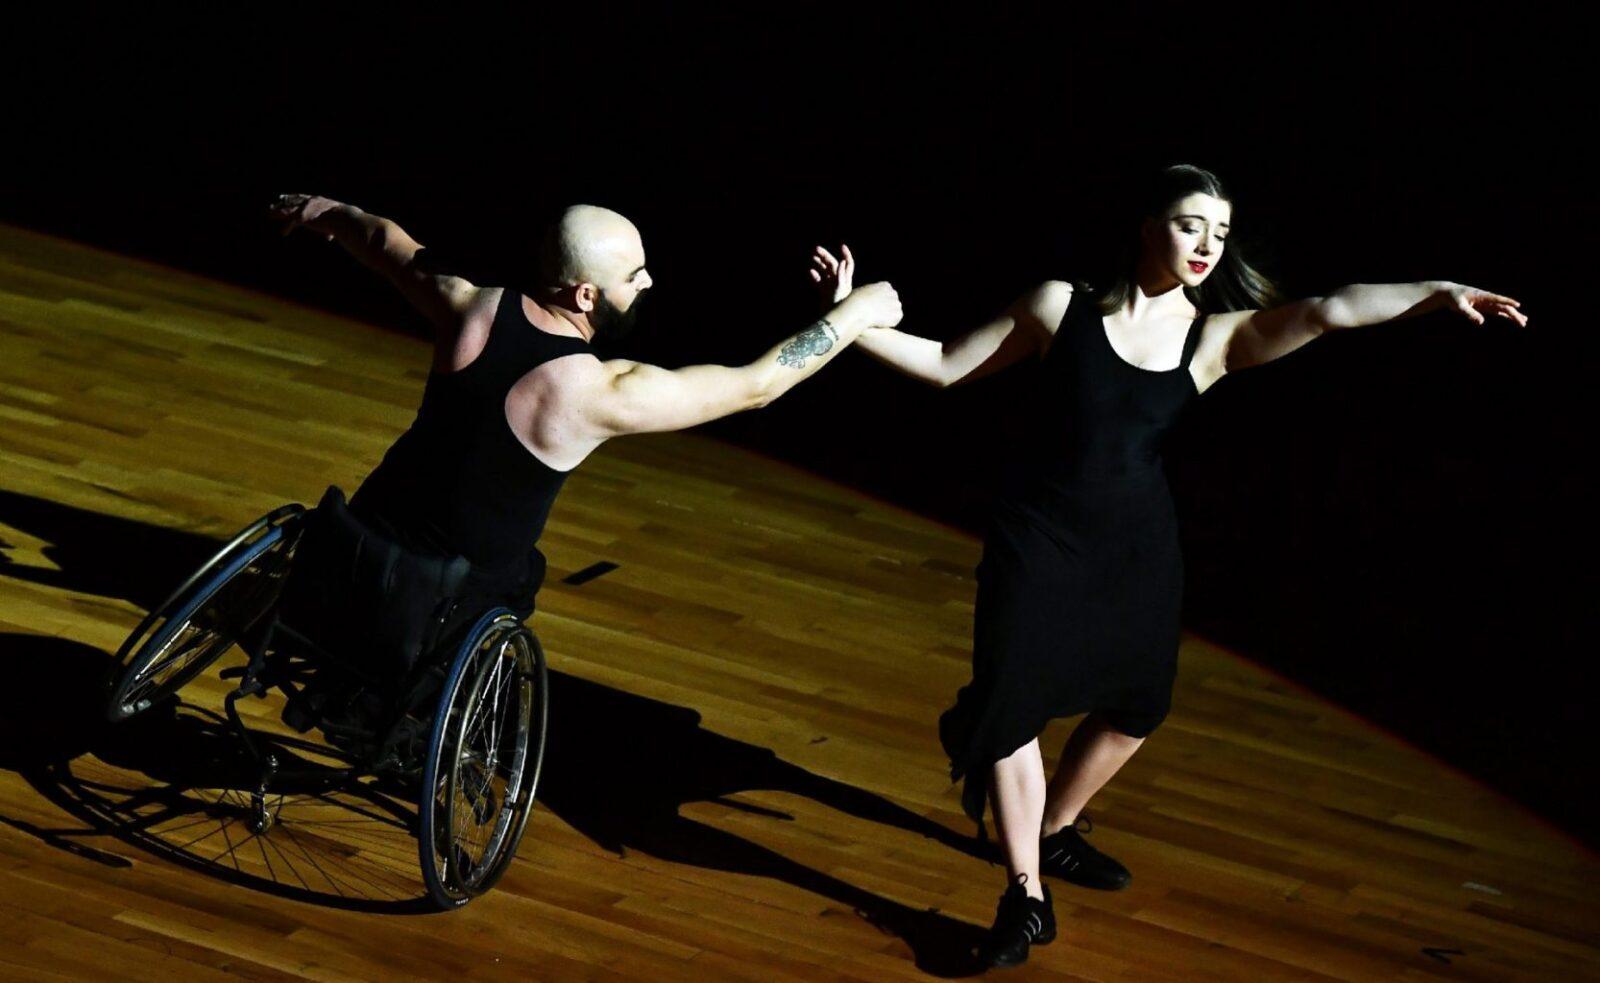 tekerlekli sandalyede dans 2